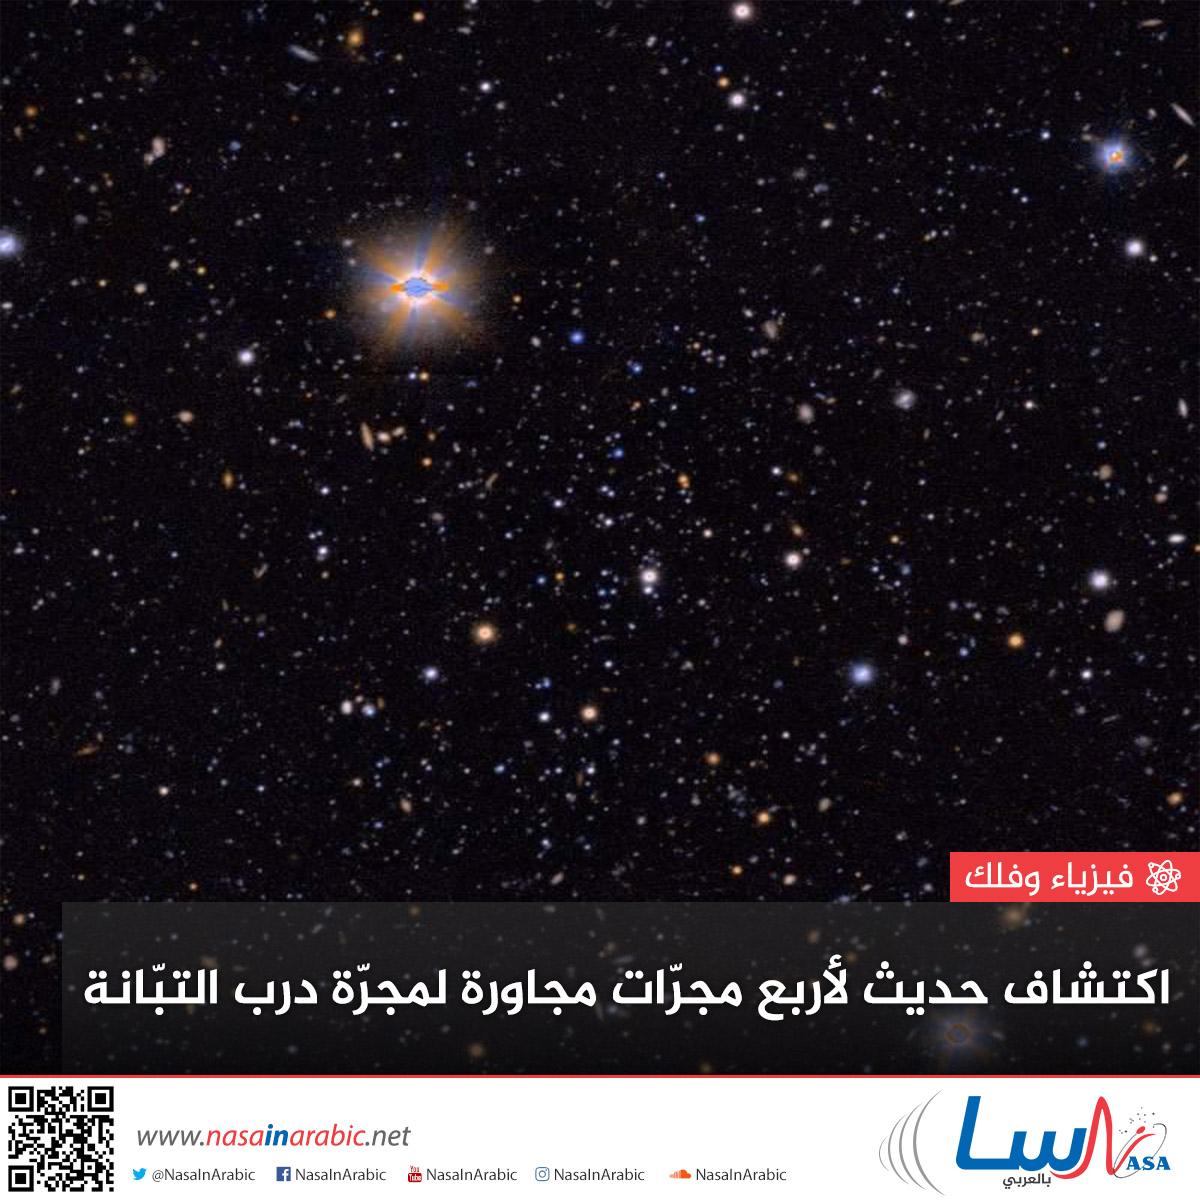 اكتشاف حديث لأربع مجرات مجاورة لمجرة درب التبانة